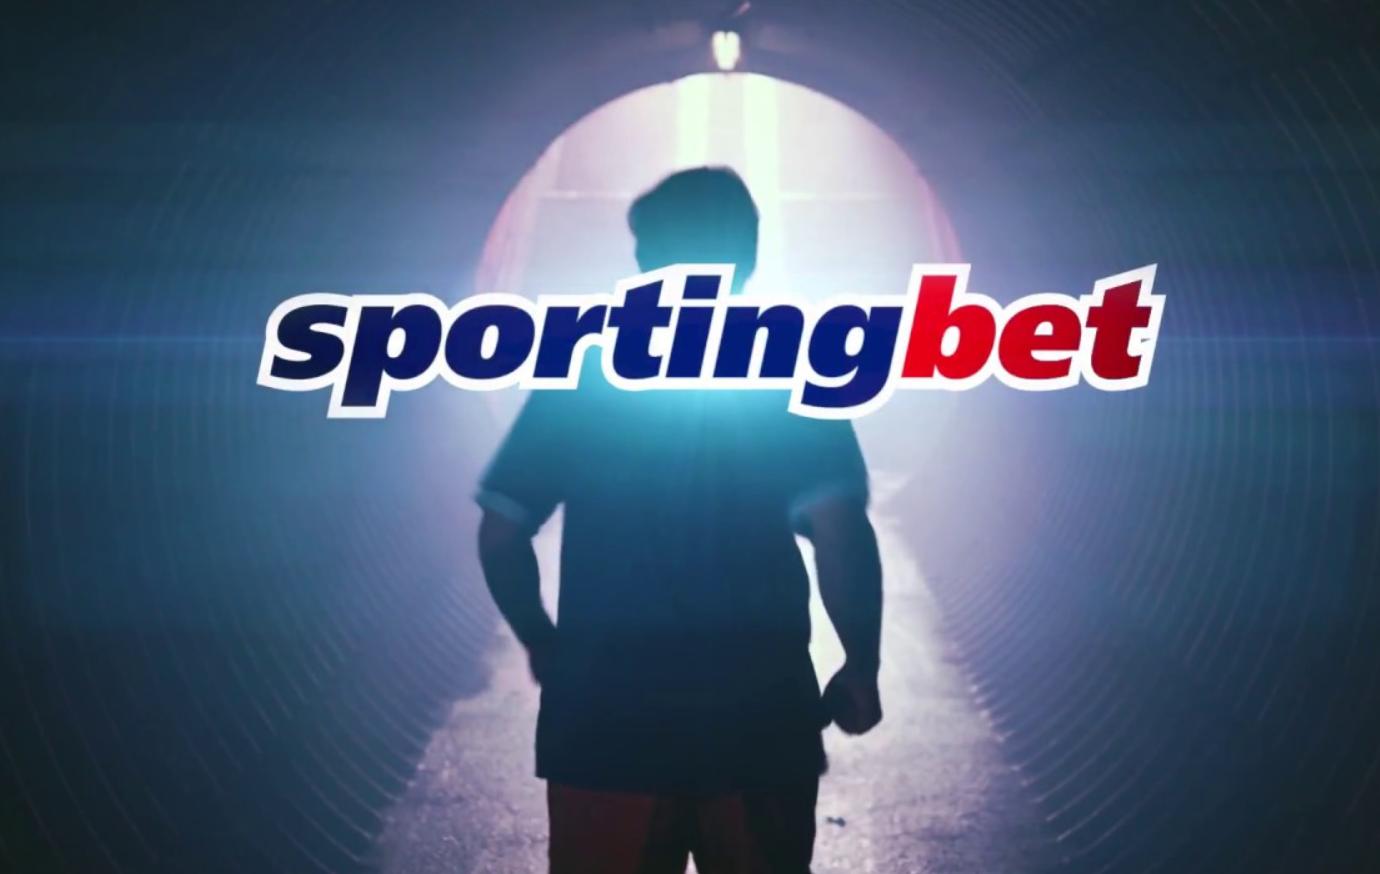 Sportingbet App - que É uma Fraude?